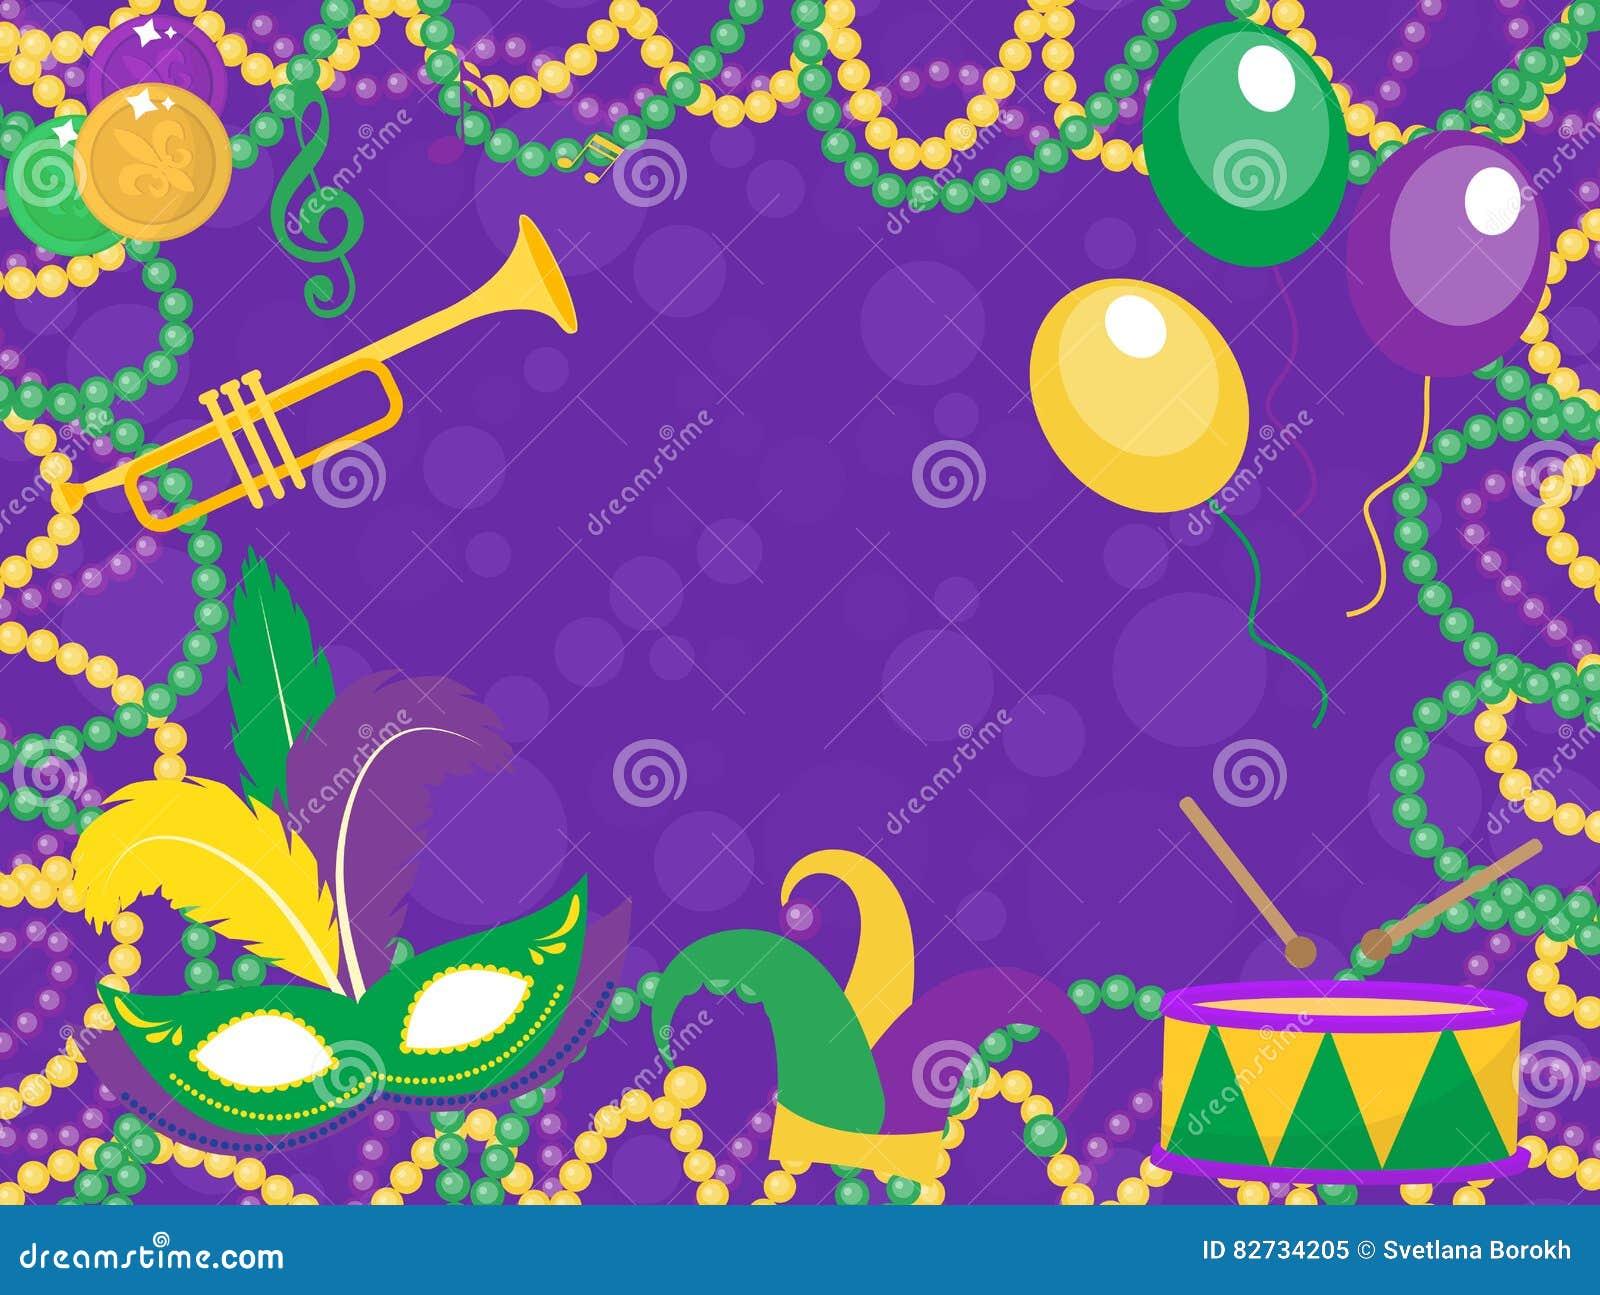 mardi gras poster with mask, beads, trumpet, drum, fleur de lis